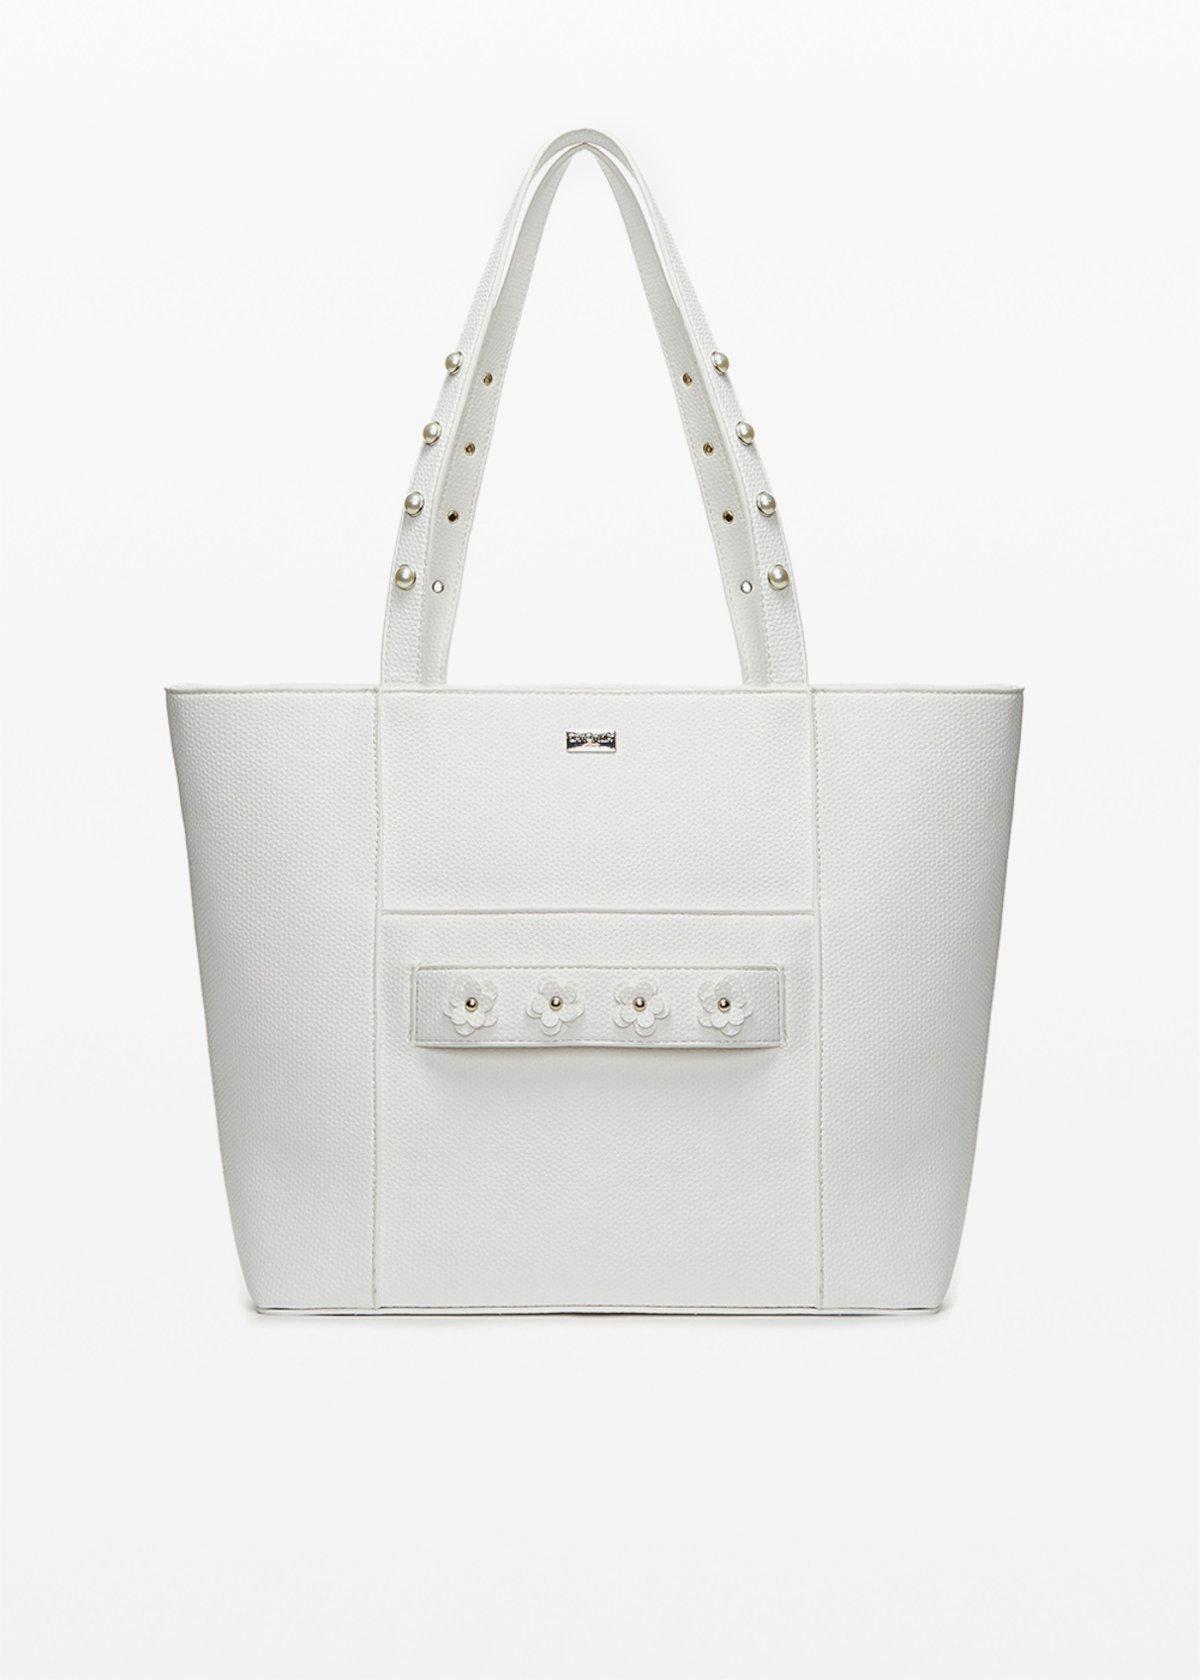 Shopping bag Boracay in ecopelle con dettaglio flowers - White - Donna - Immagine categoria